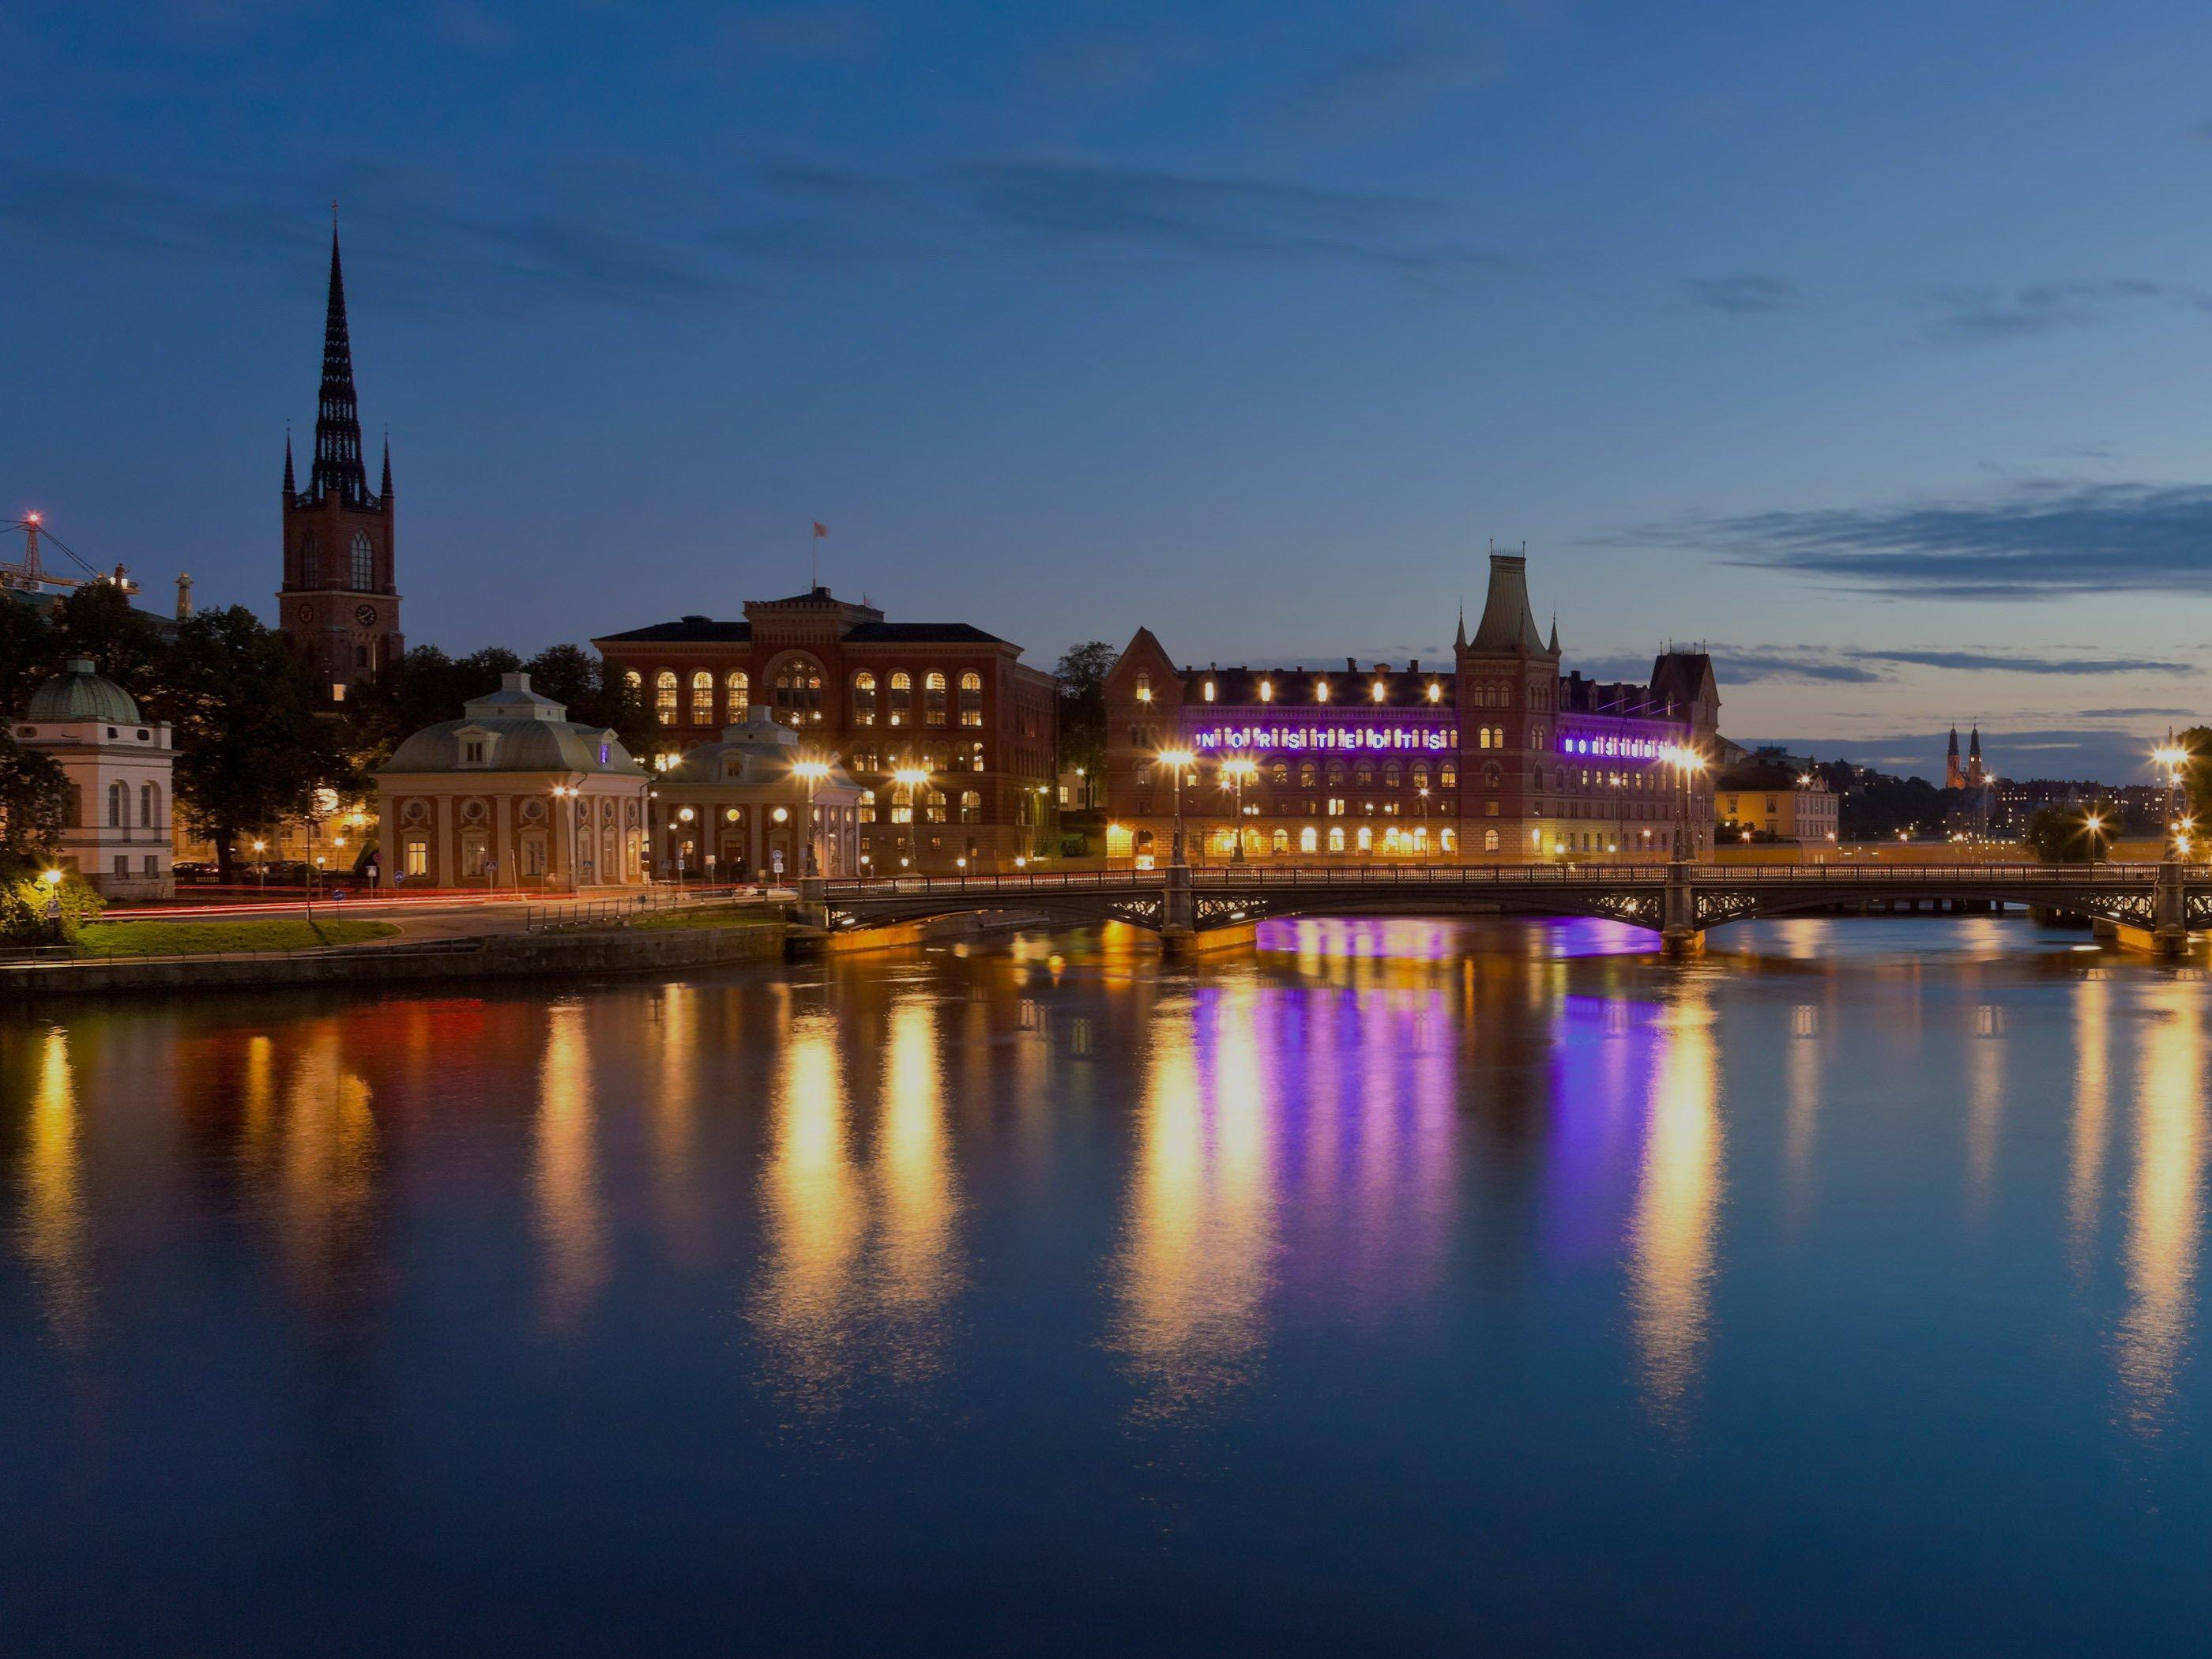 stockholm sweden high definition wallpaper 2800x2100